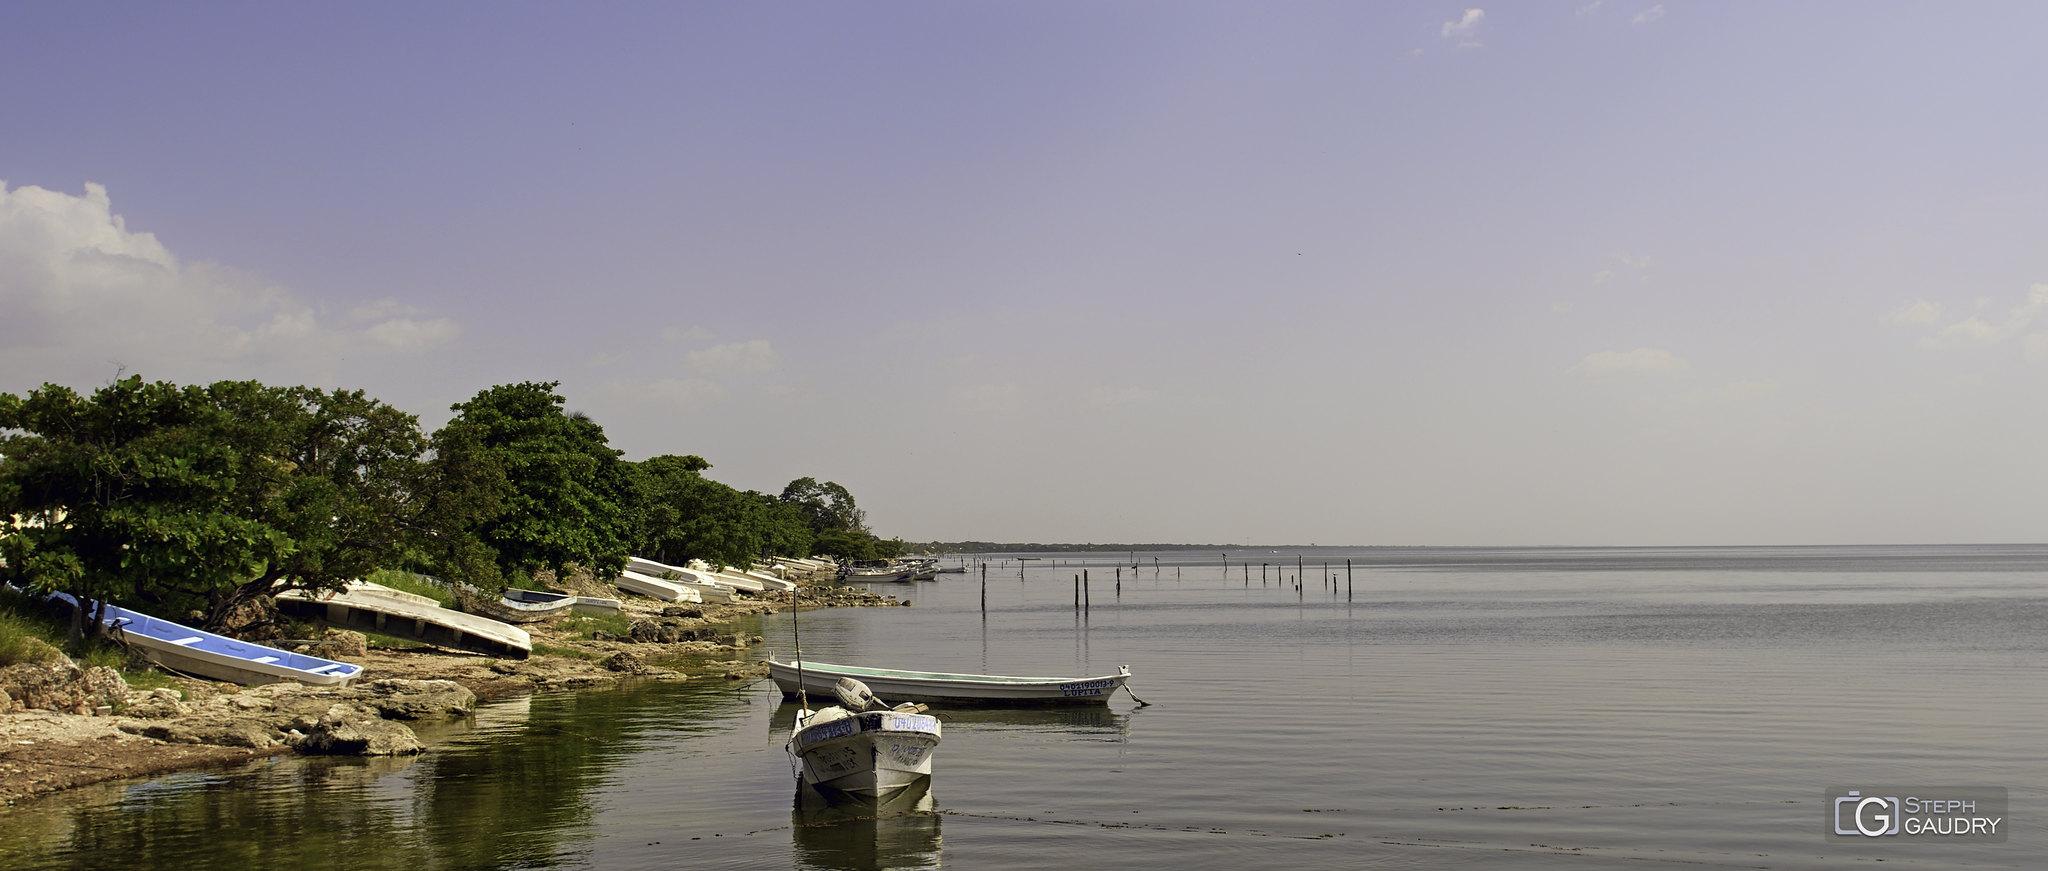 Les barques de Champotón [Click to start slideshow]